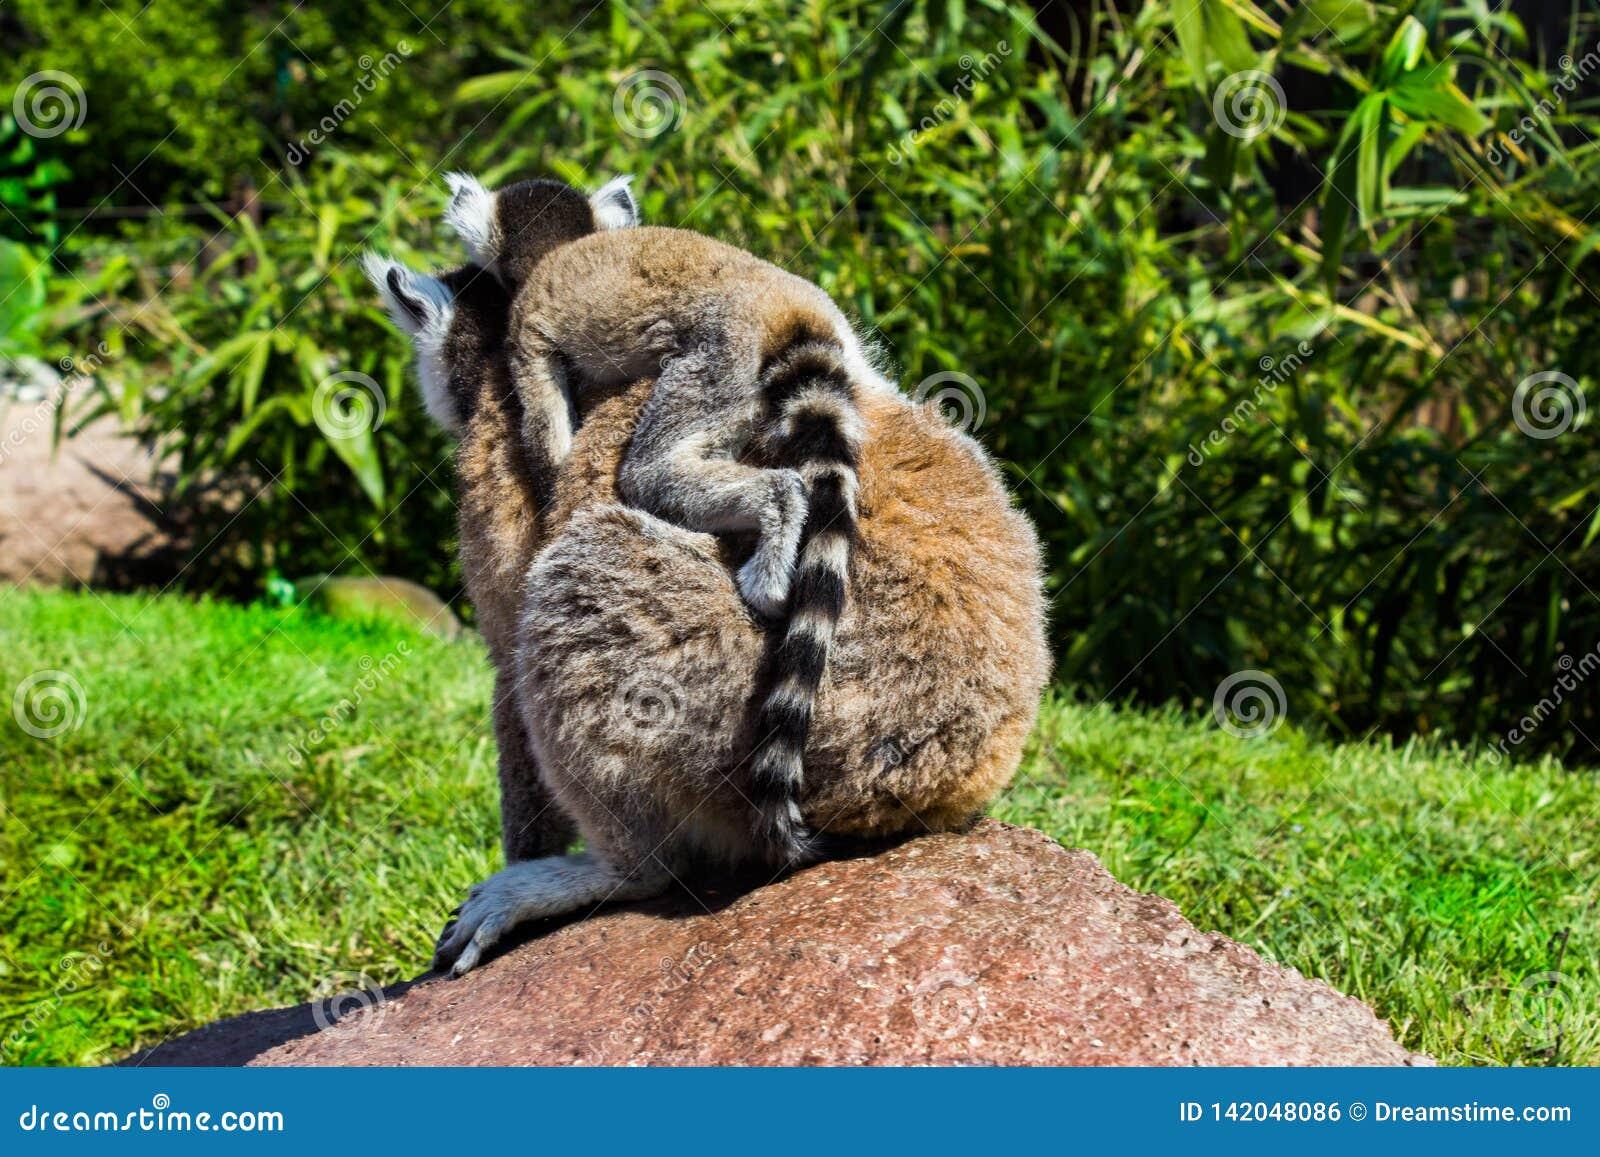 Cumiana, Torino / Italy 05-15-2015: Lemure mother and soon.